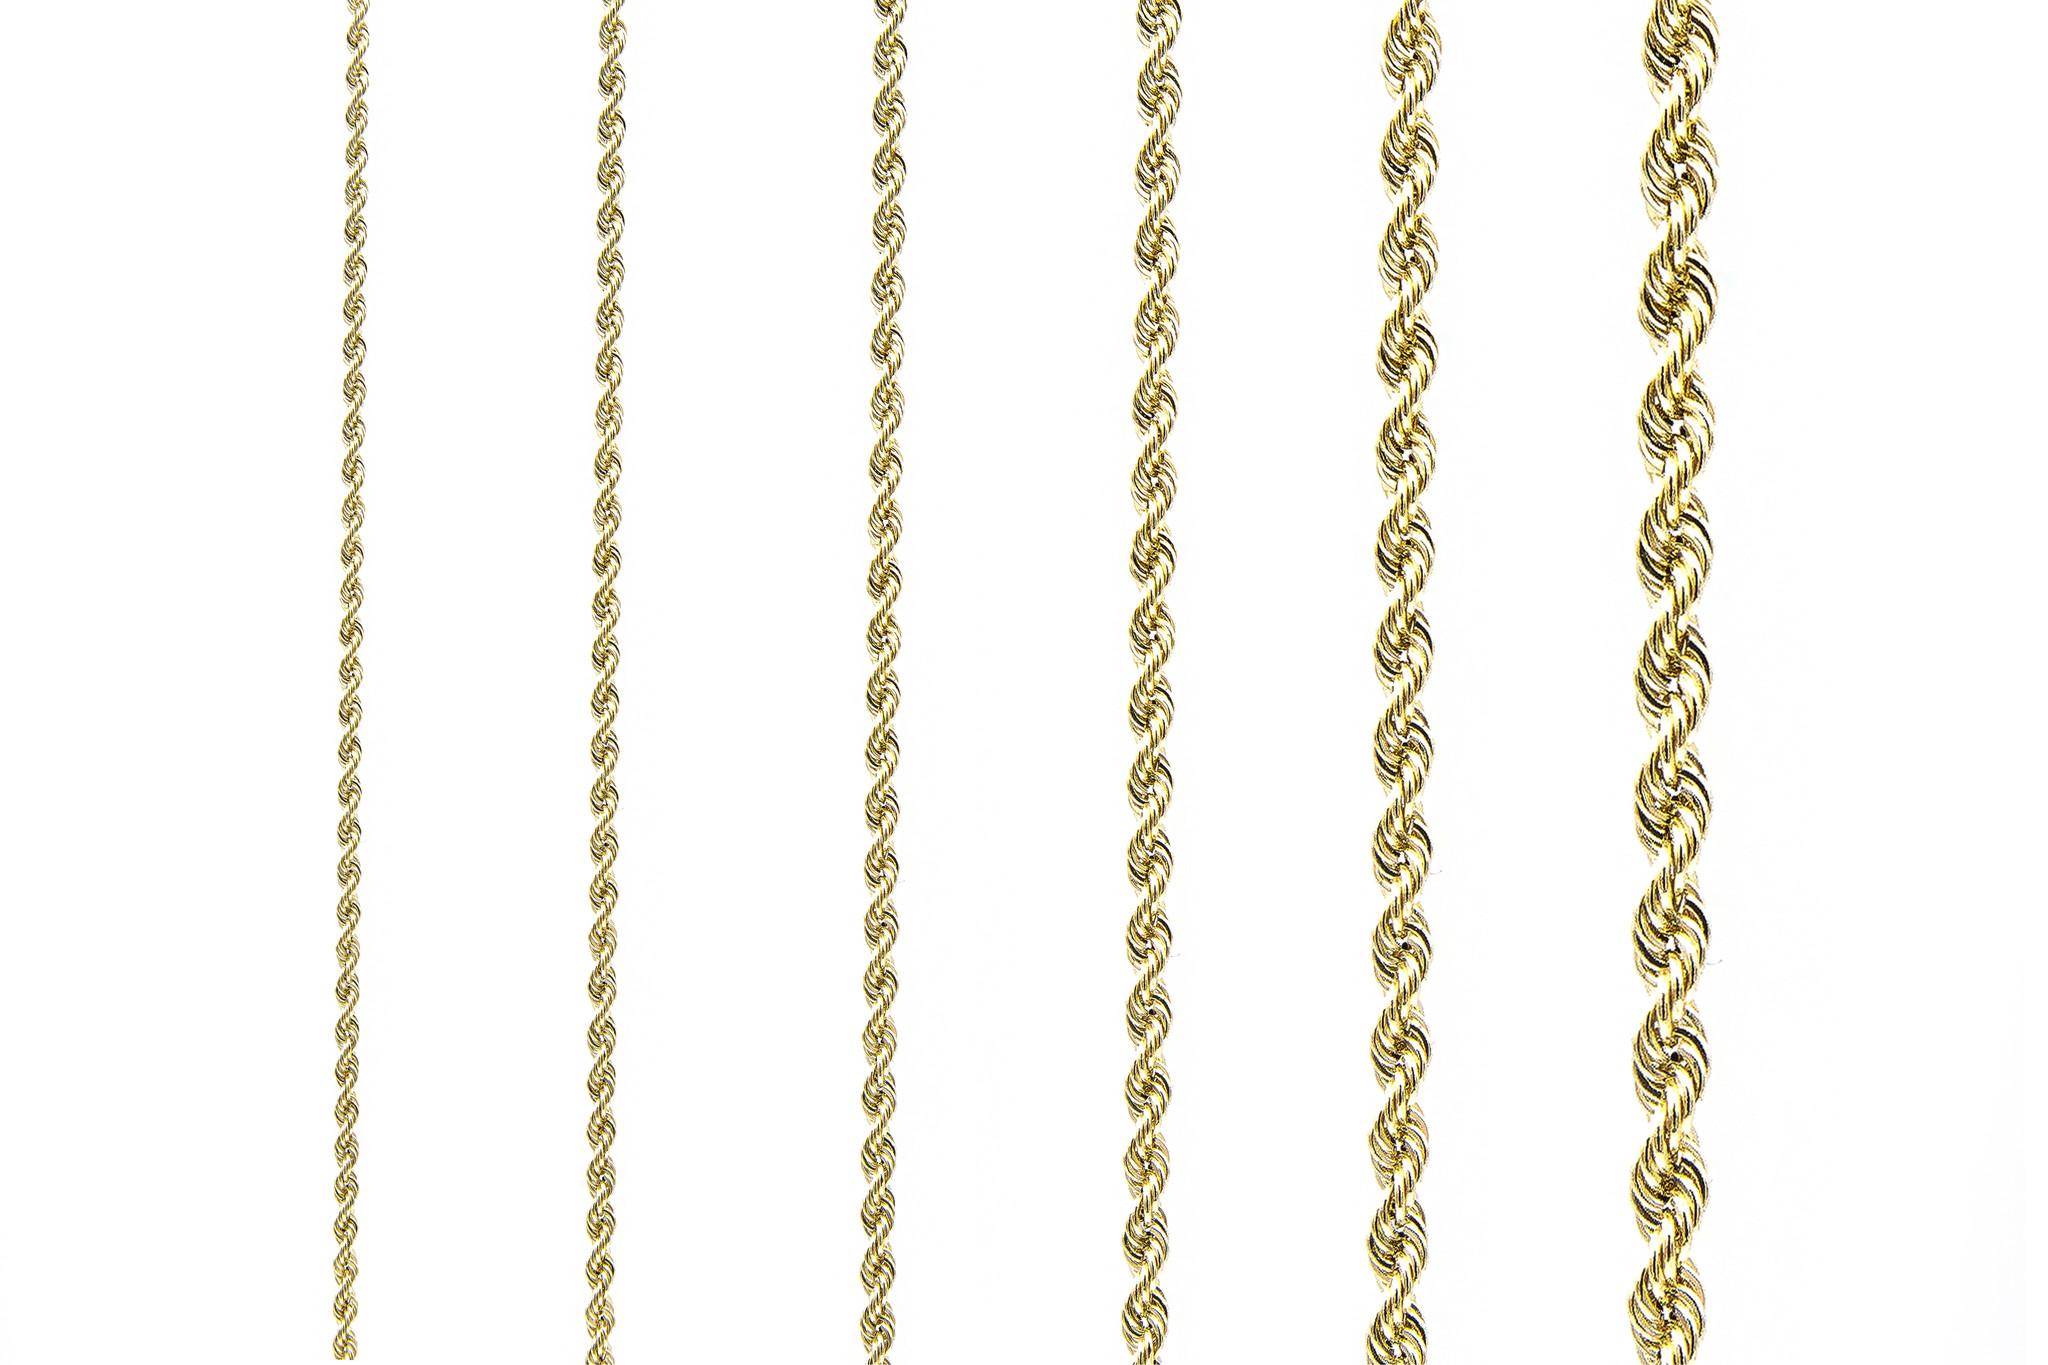 Rope chain Nederlands goud 14kt 8 mm-6